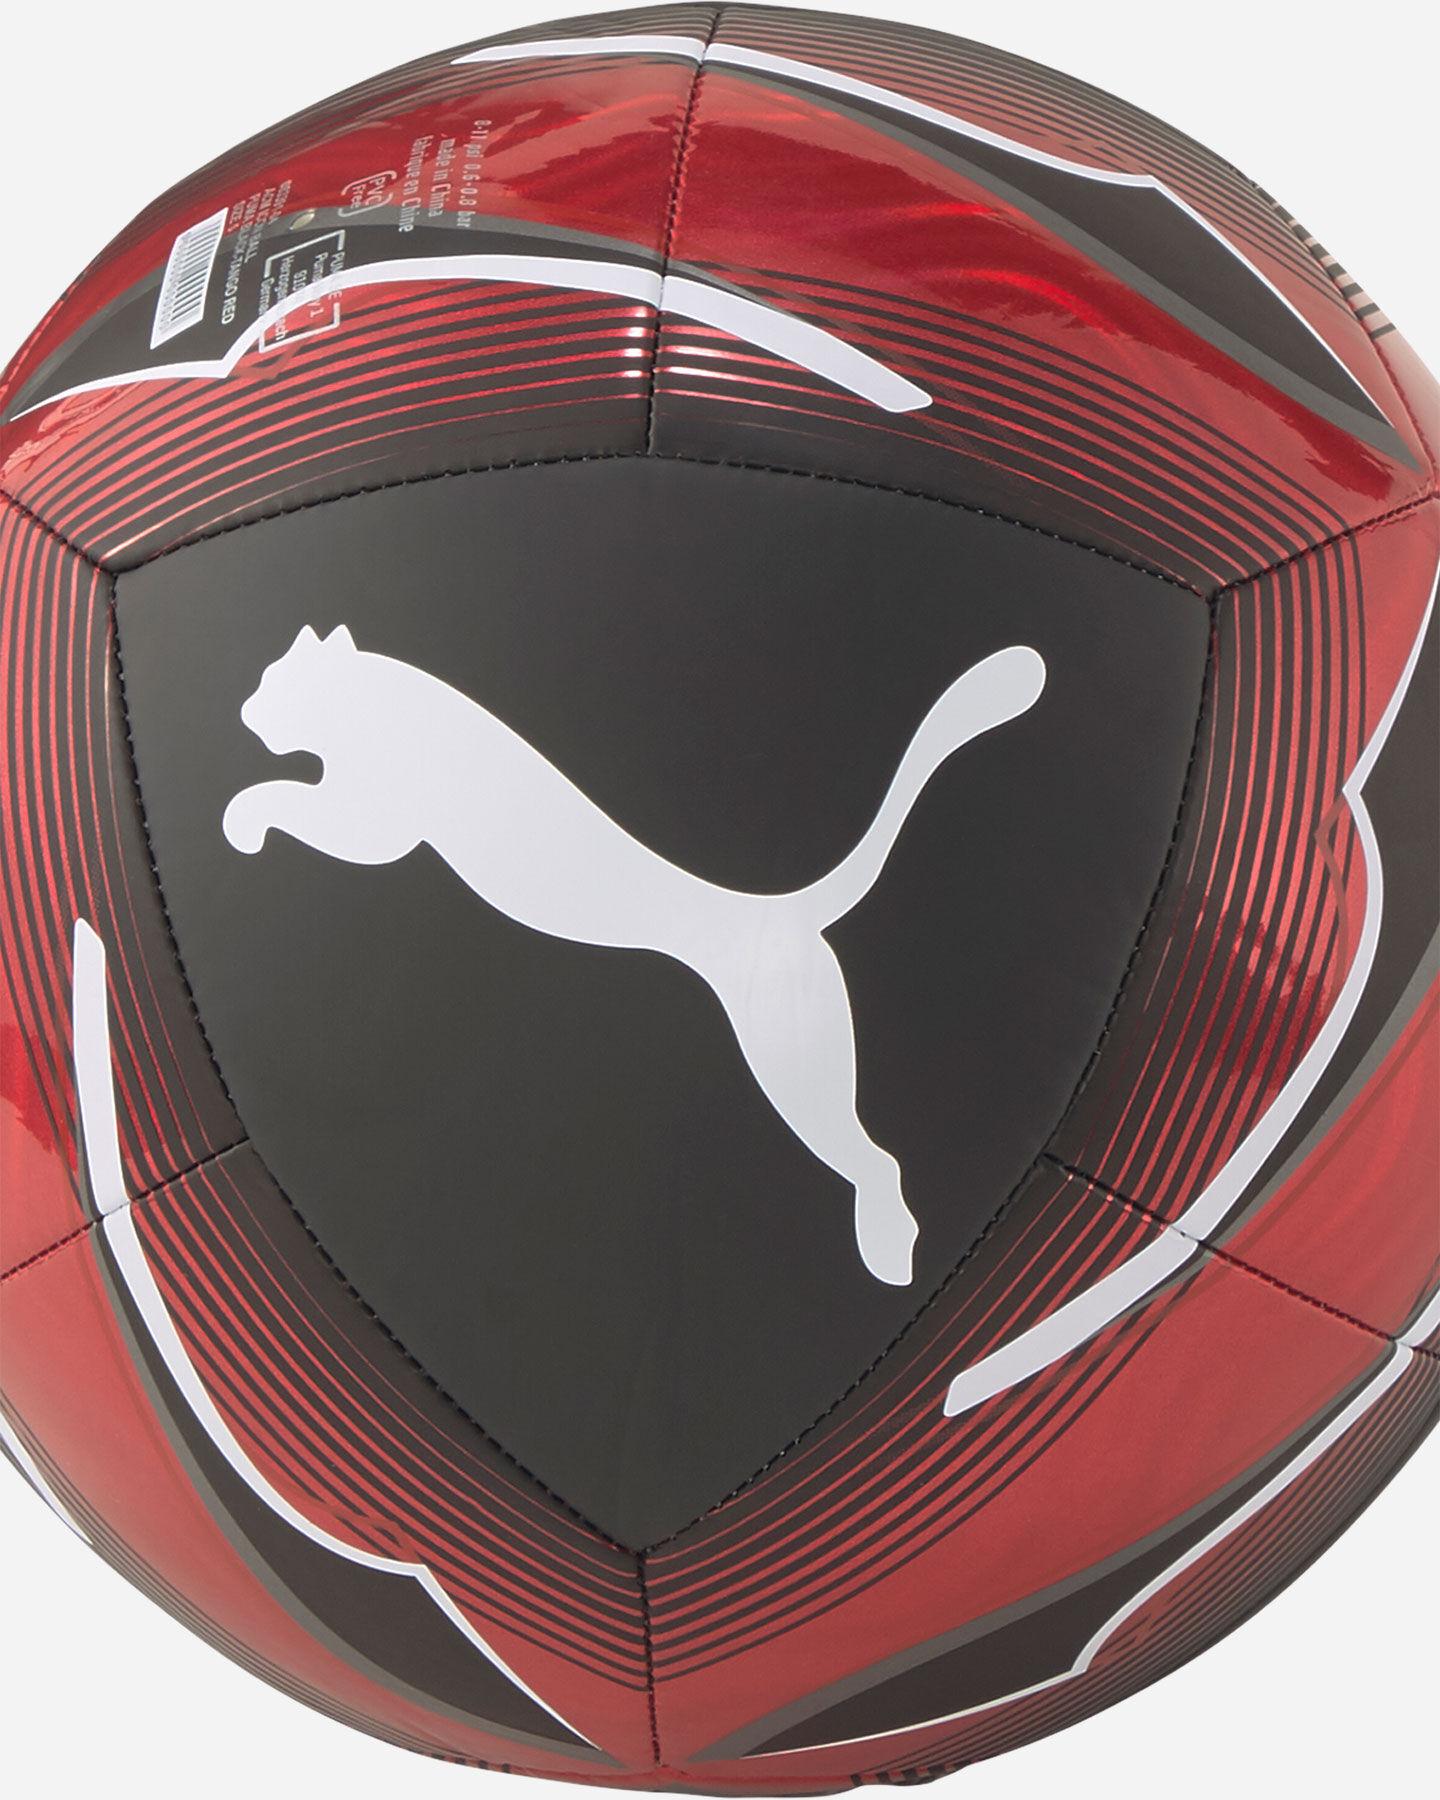 Pallone calcio PUMA MILAN ICON 5 S5233980 04 5 scatto 1